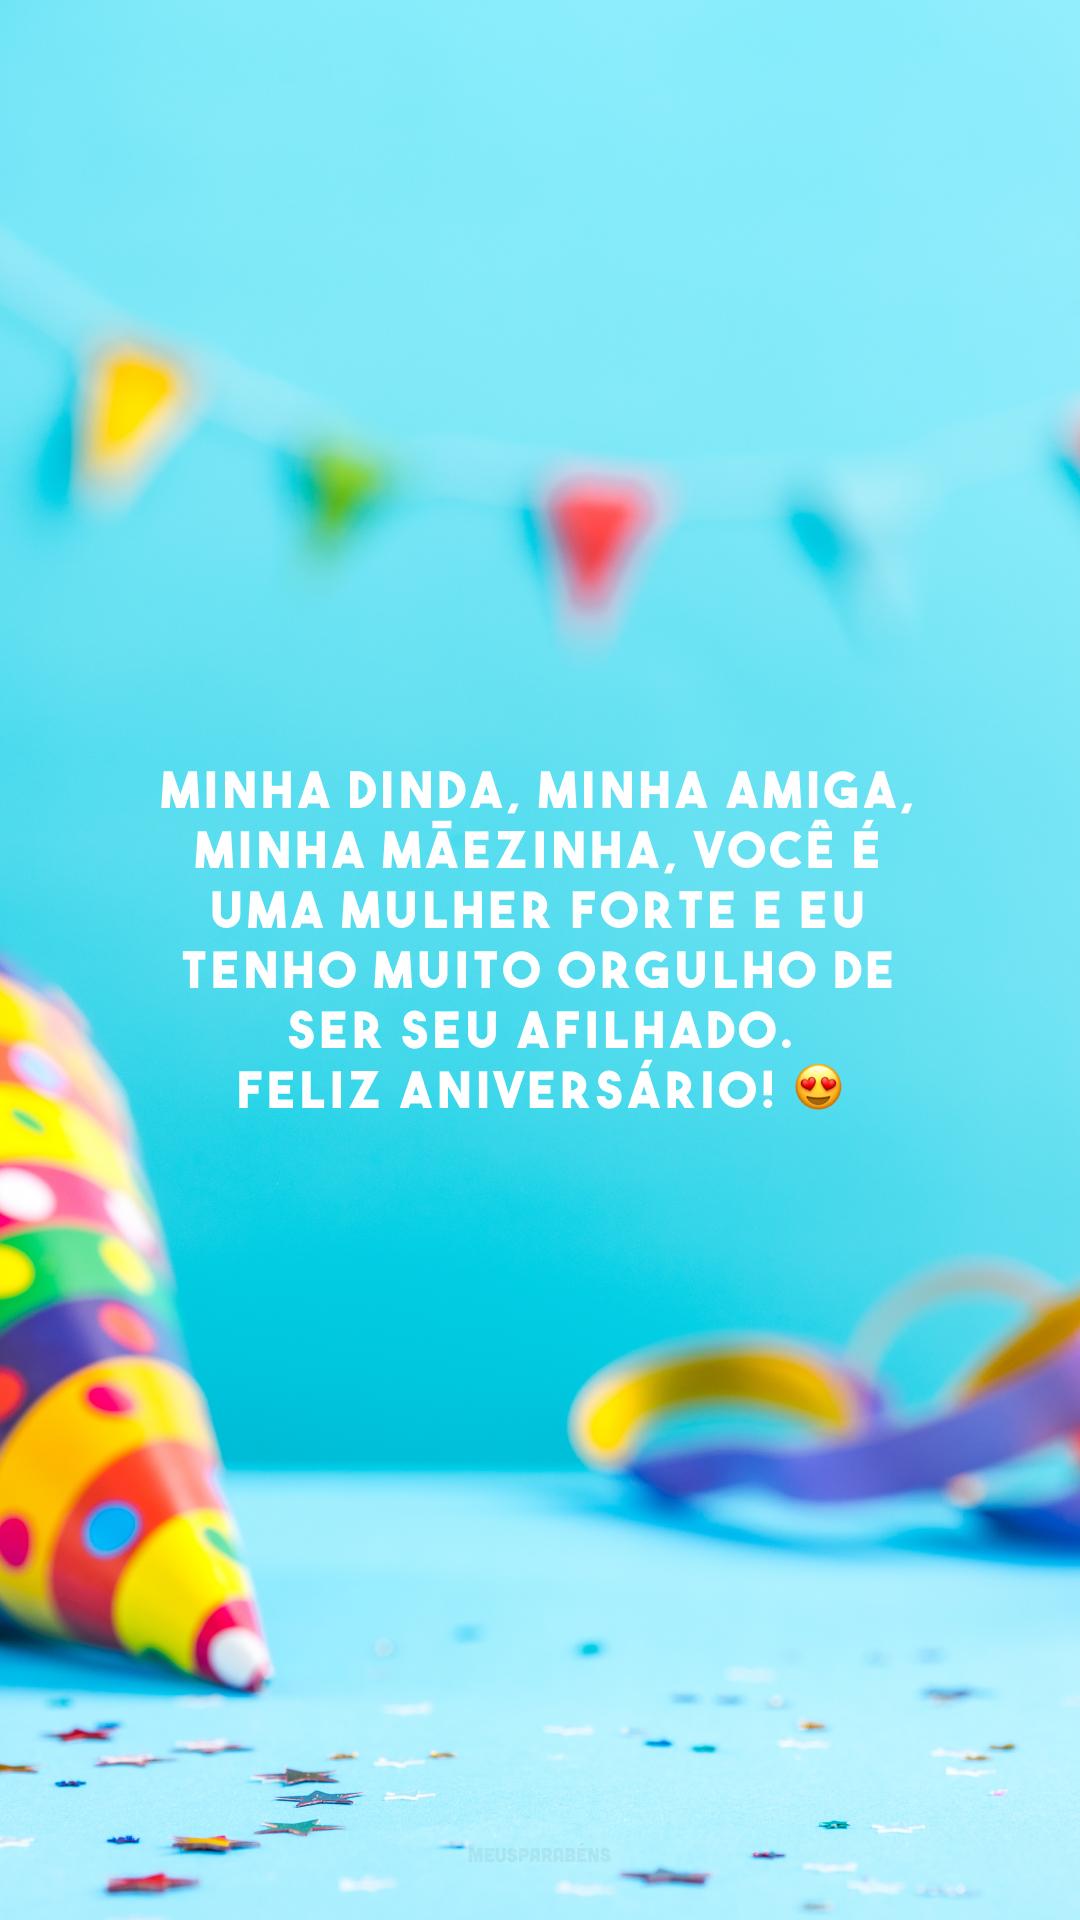 Minha dinda, minha amiga, minha mãezinha, você é uma mulher forte e eu tenho muito orgulho de ser seu afilhado. Feliz aniversário! 😍